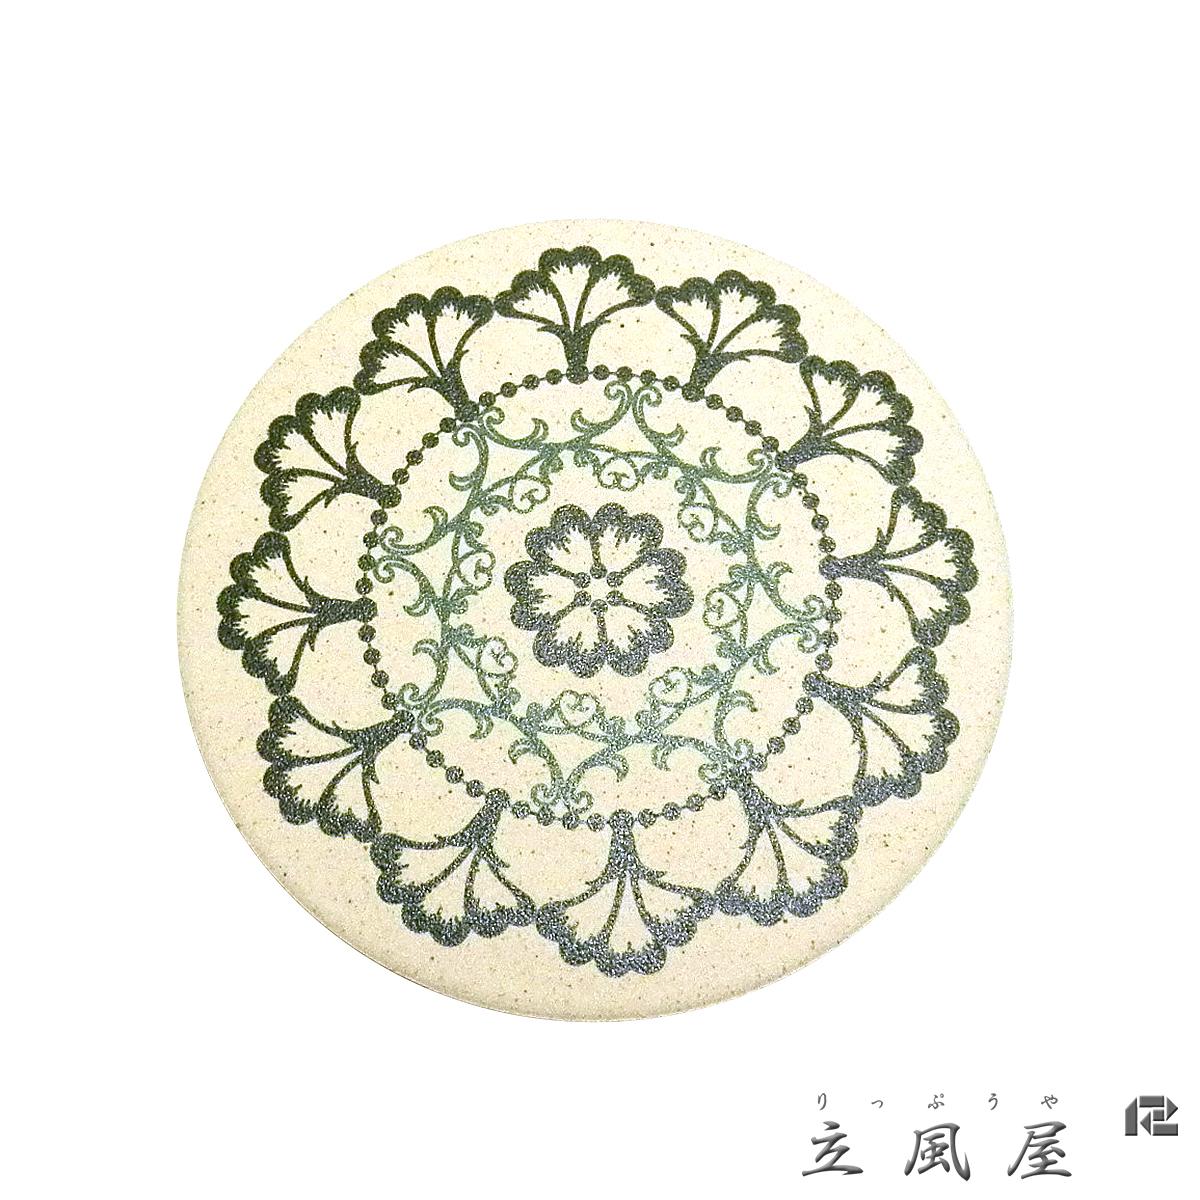 おしゃれ(オシャレ・お洒落)な珪藻土コースター 北欧風 美しい 線美 ロマネスク Romanesque  シリーズ グリーン